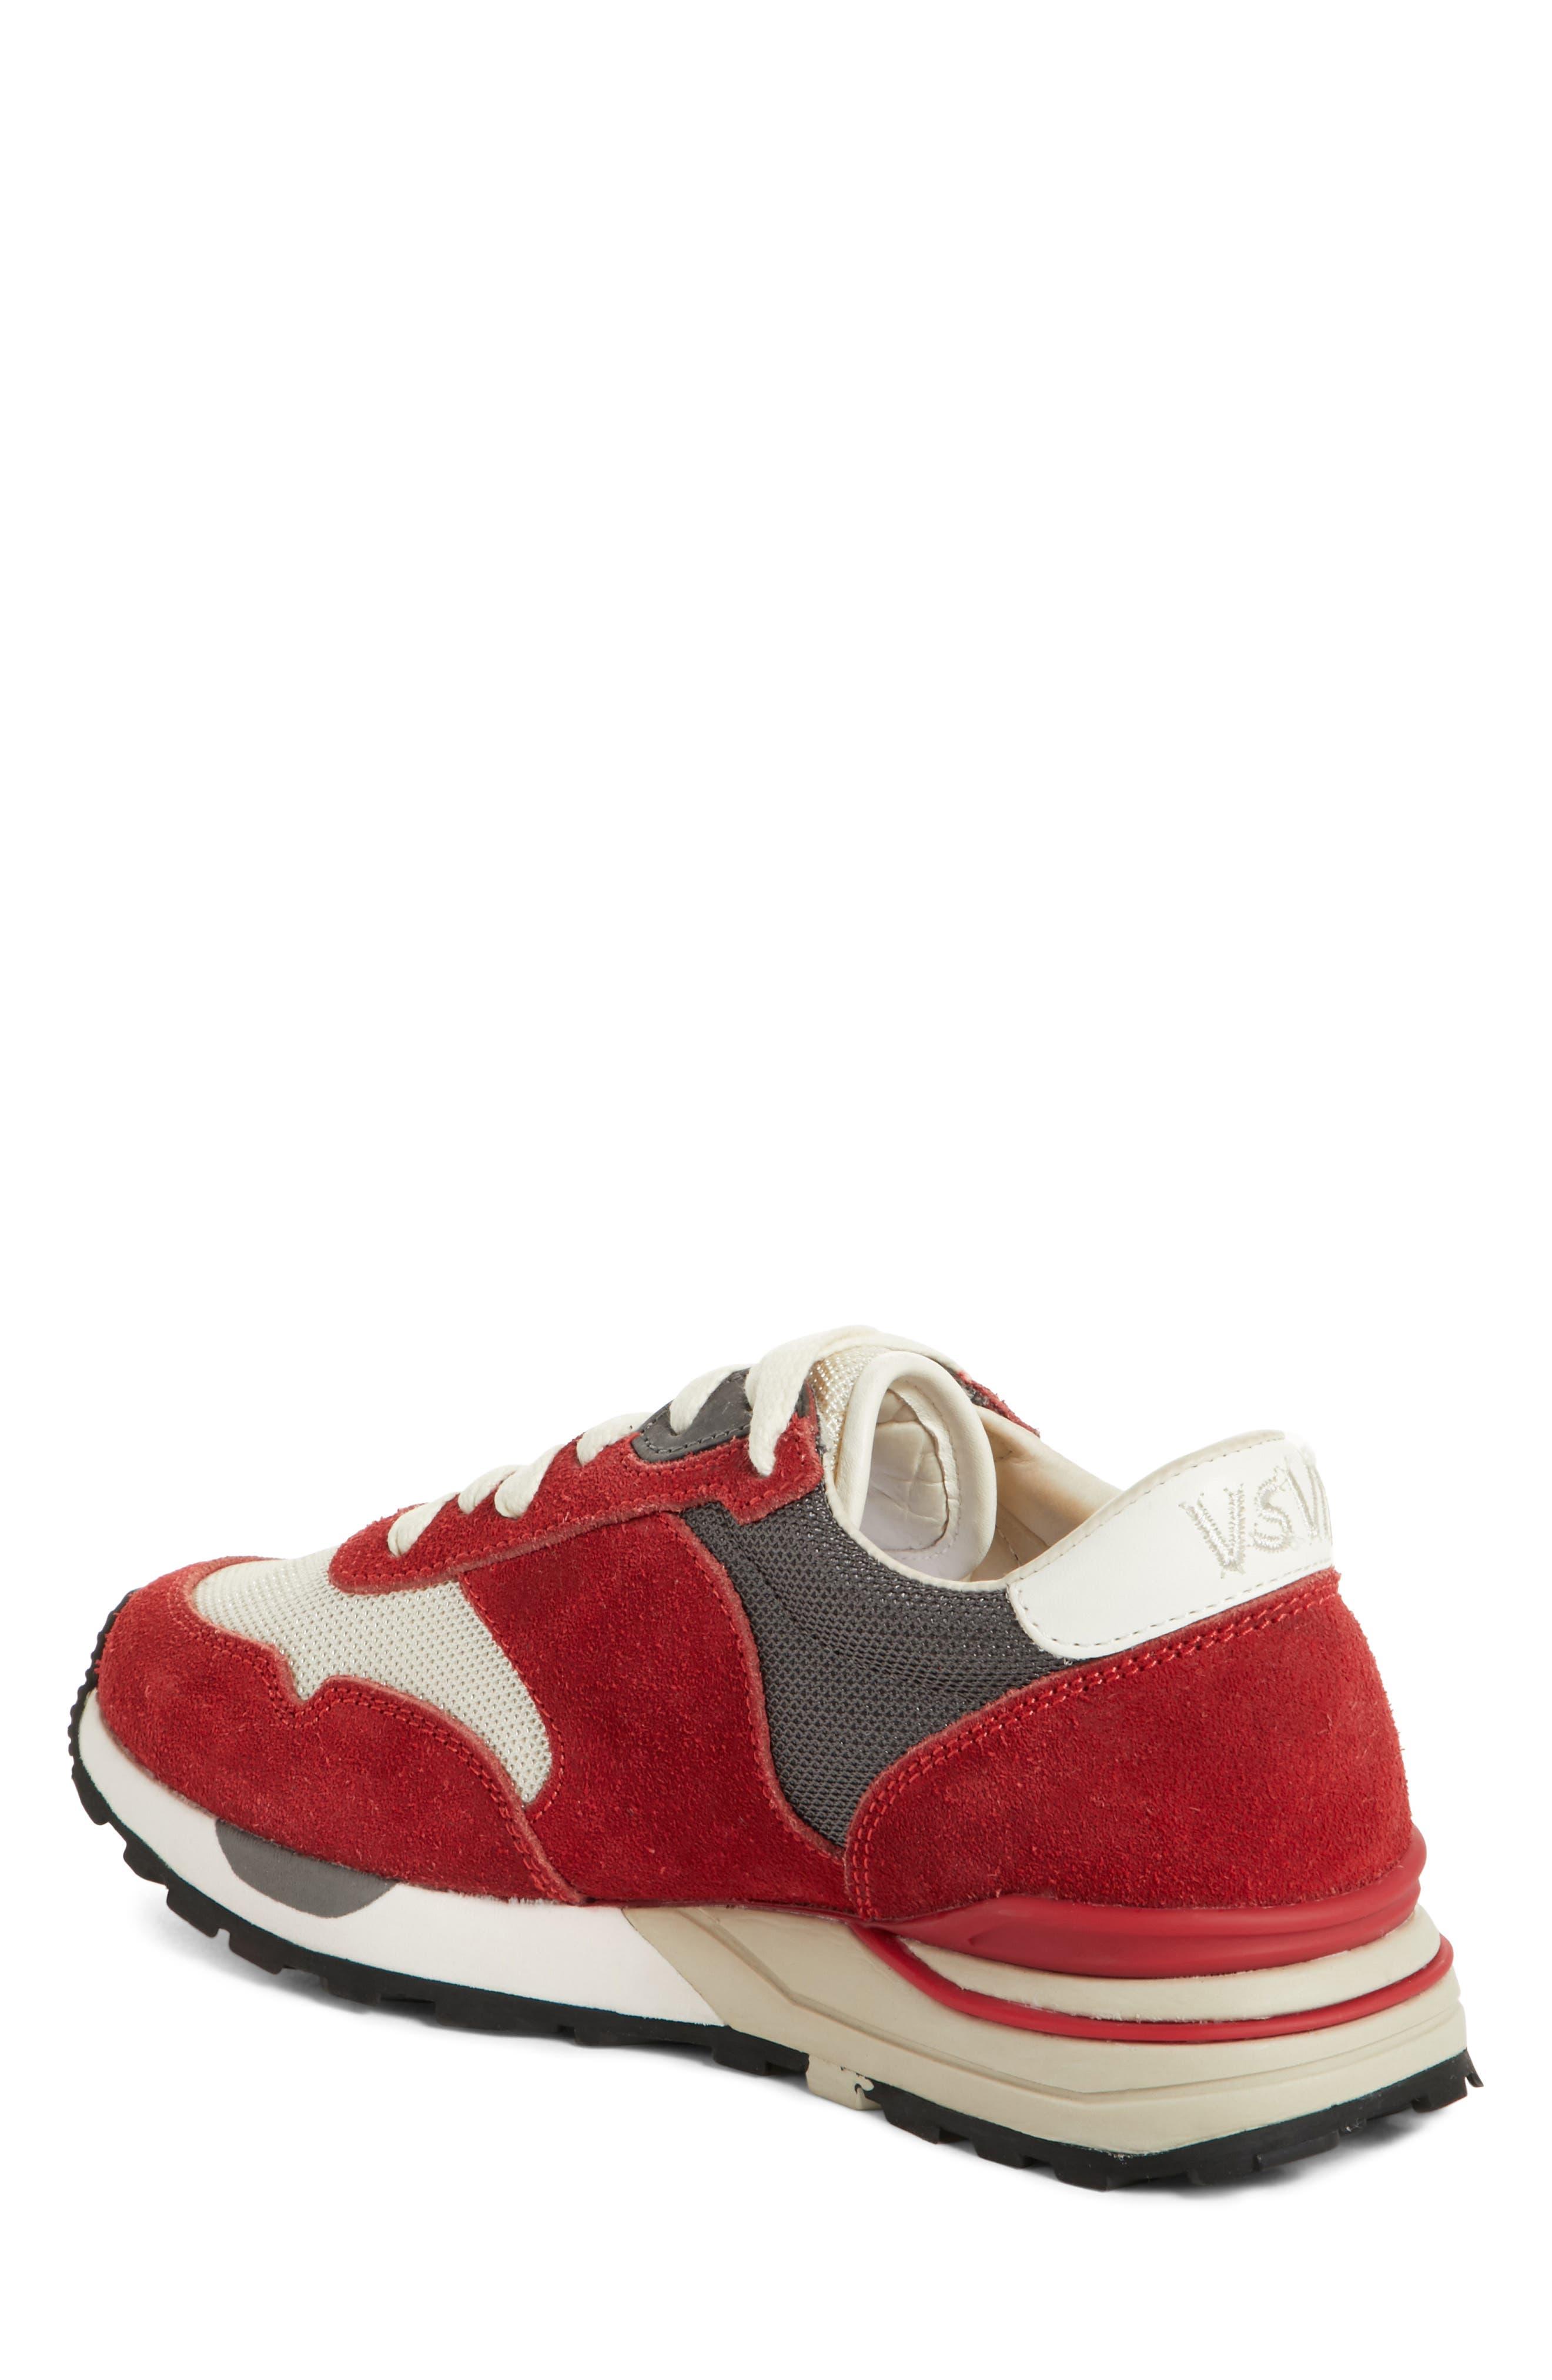 Alternate Image 3  - WMV visvim Roland Jogger Sneaker (Women)